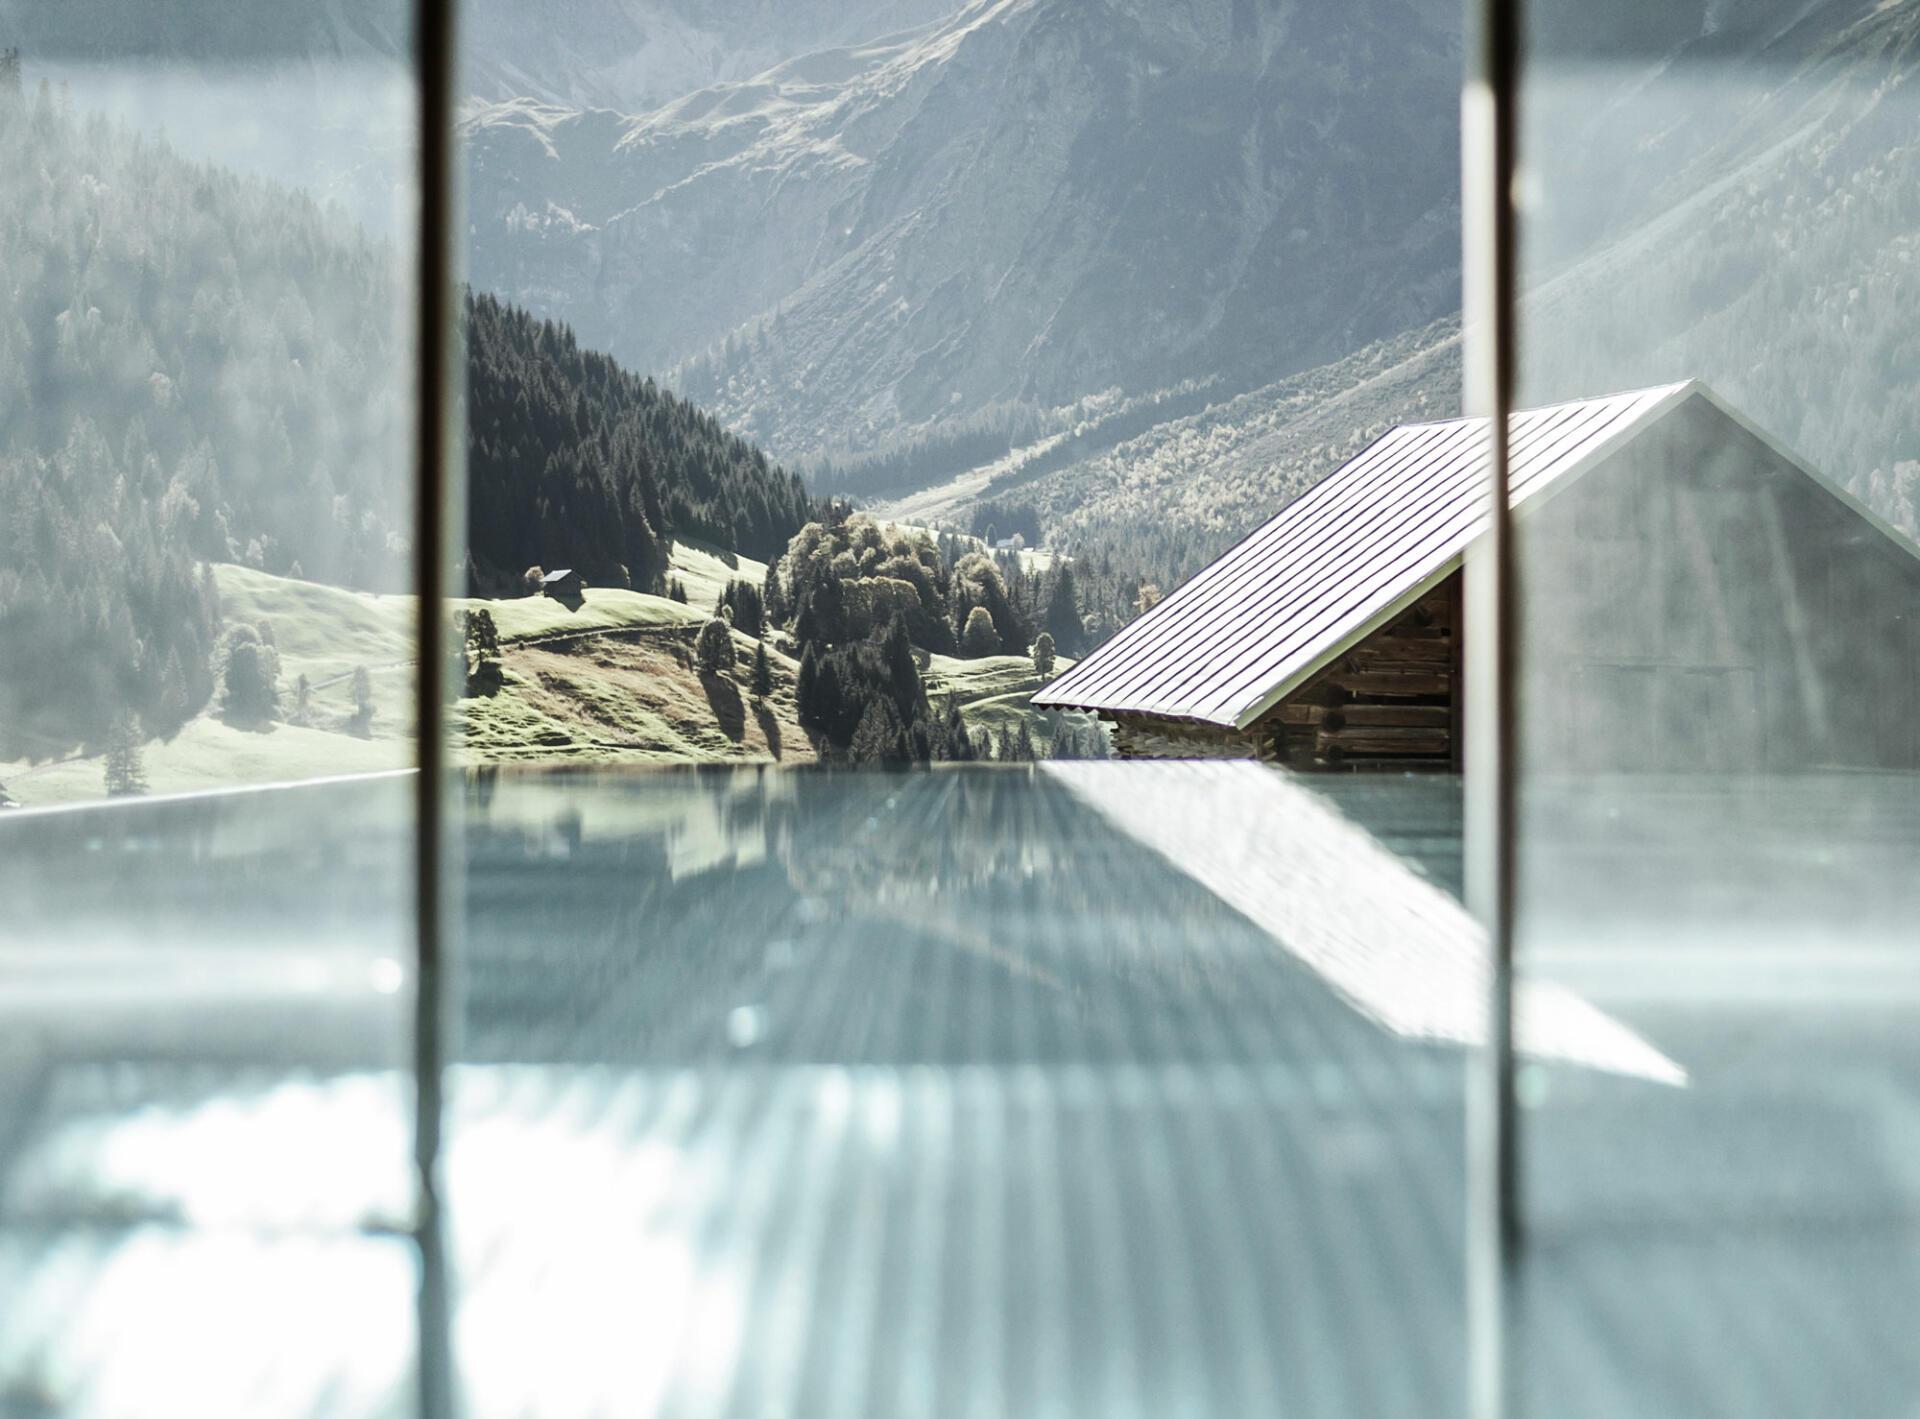 Abdeckungen - Schwimmbadbau Tirol - Saurwein Schwimmbad Technik